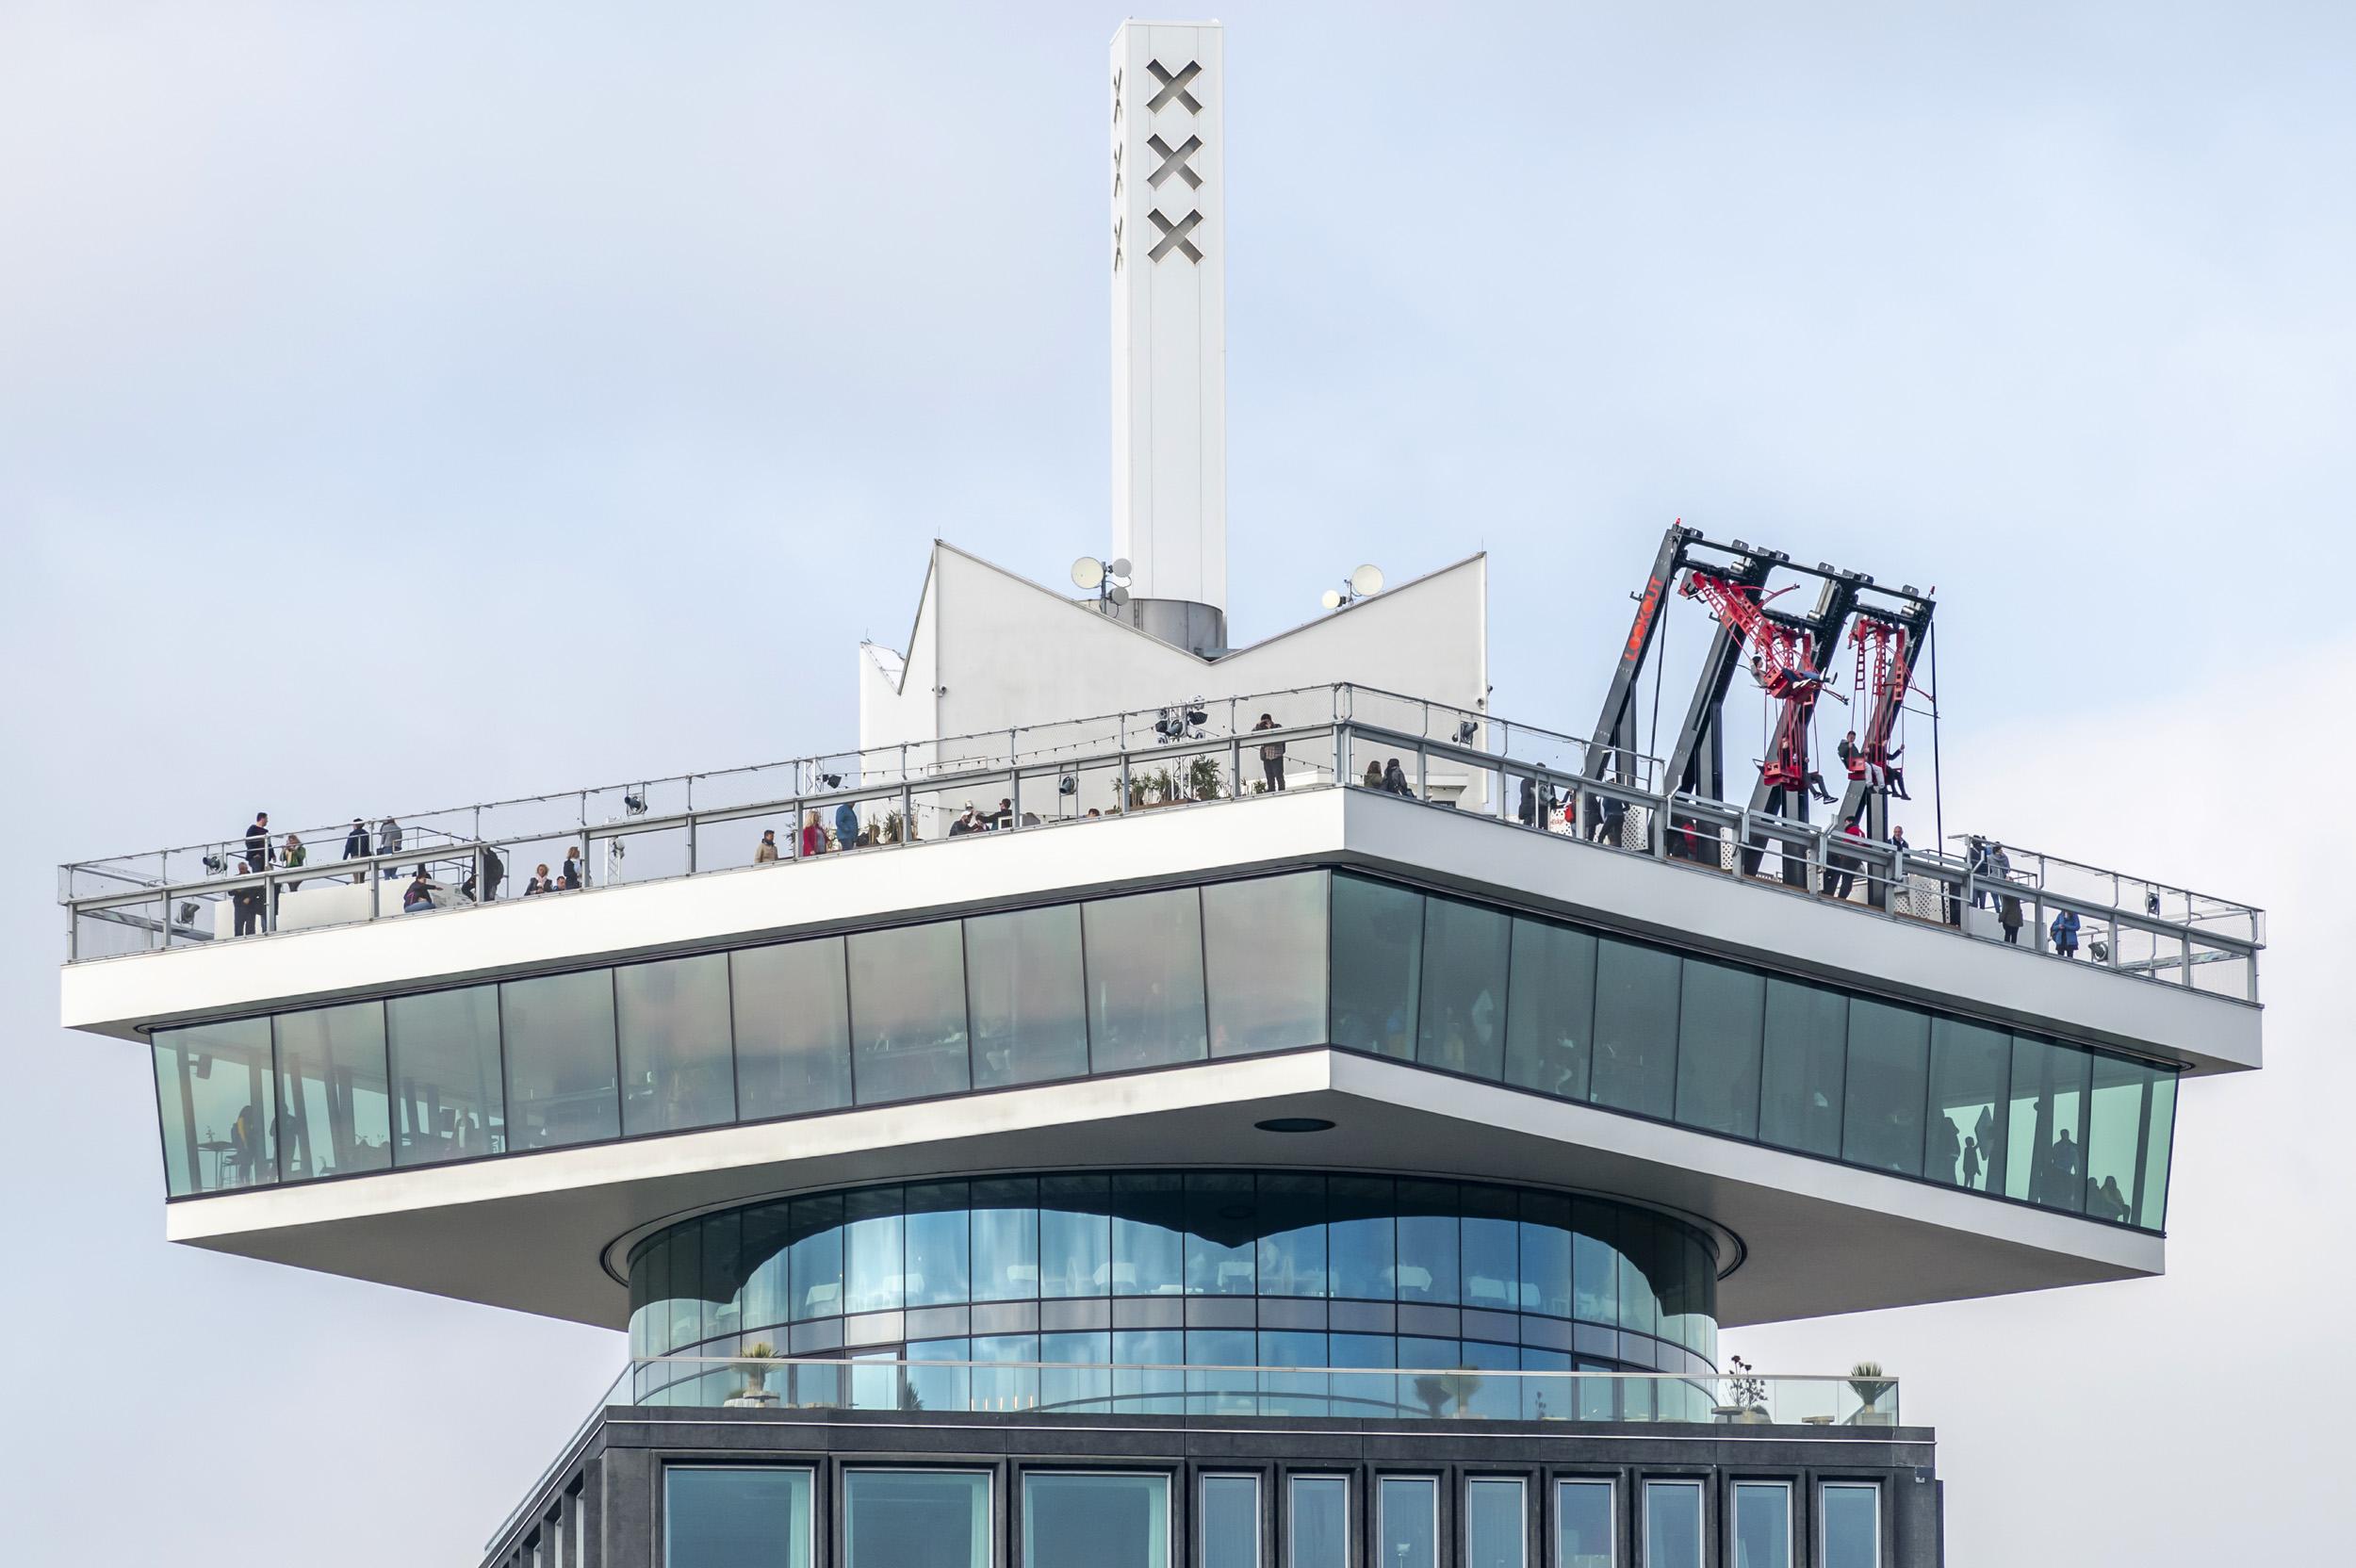 A'DAM Lookout - Amsterdam, Netherlands